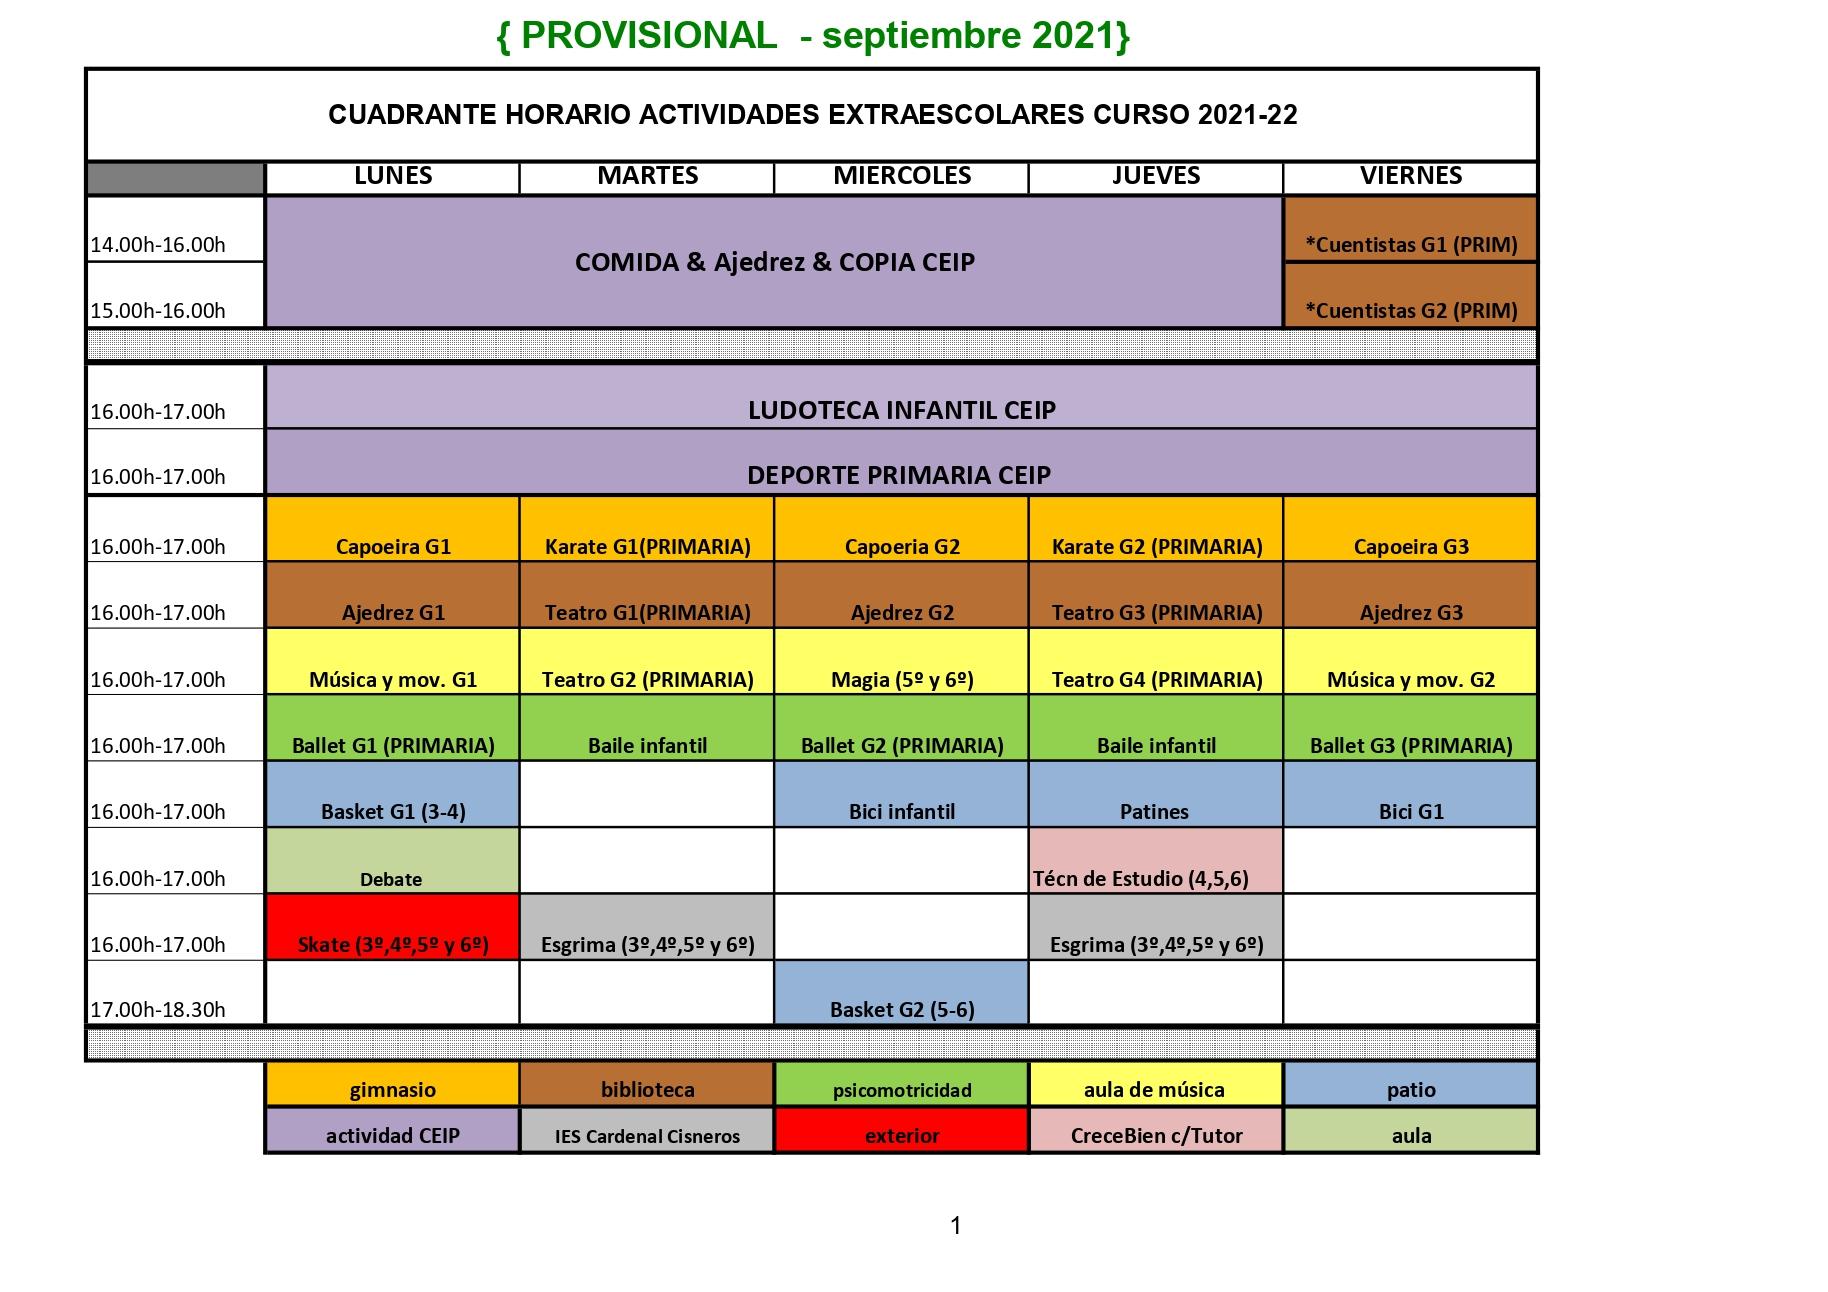 ACTIVIDADES EXTRAESCOLARES DEL AMPA curso 2021-22